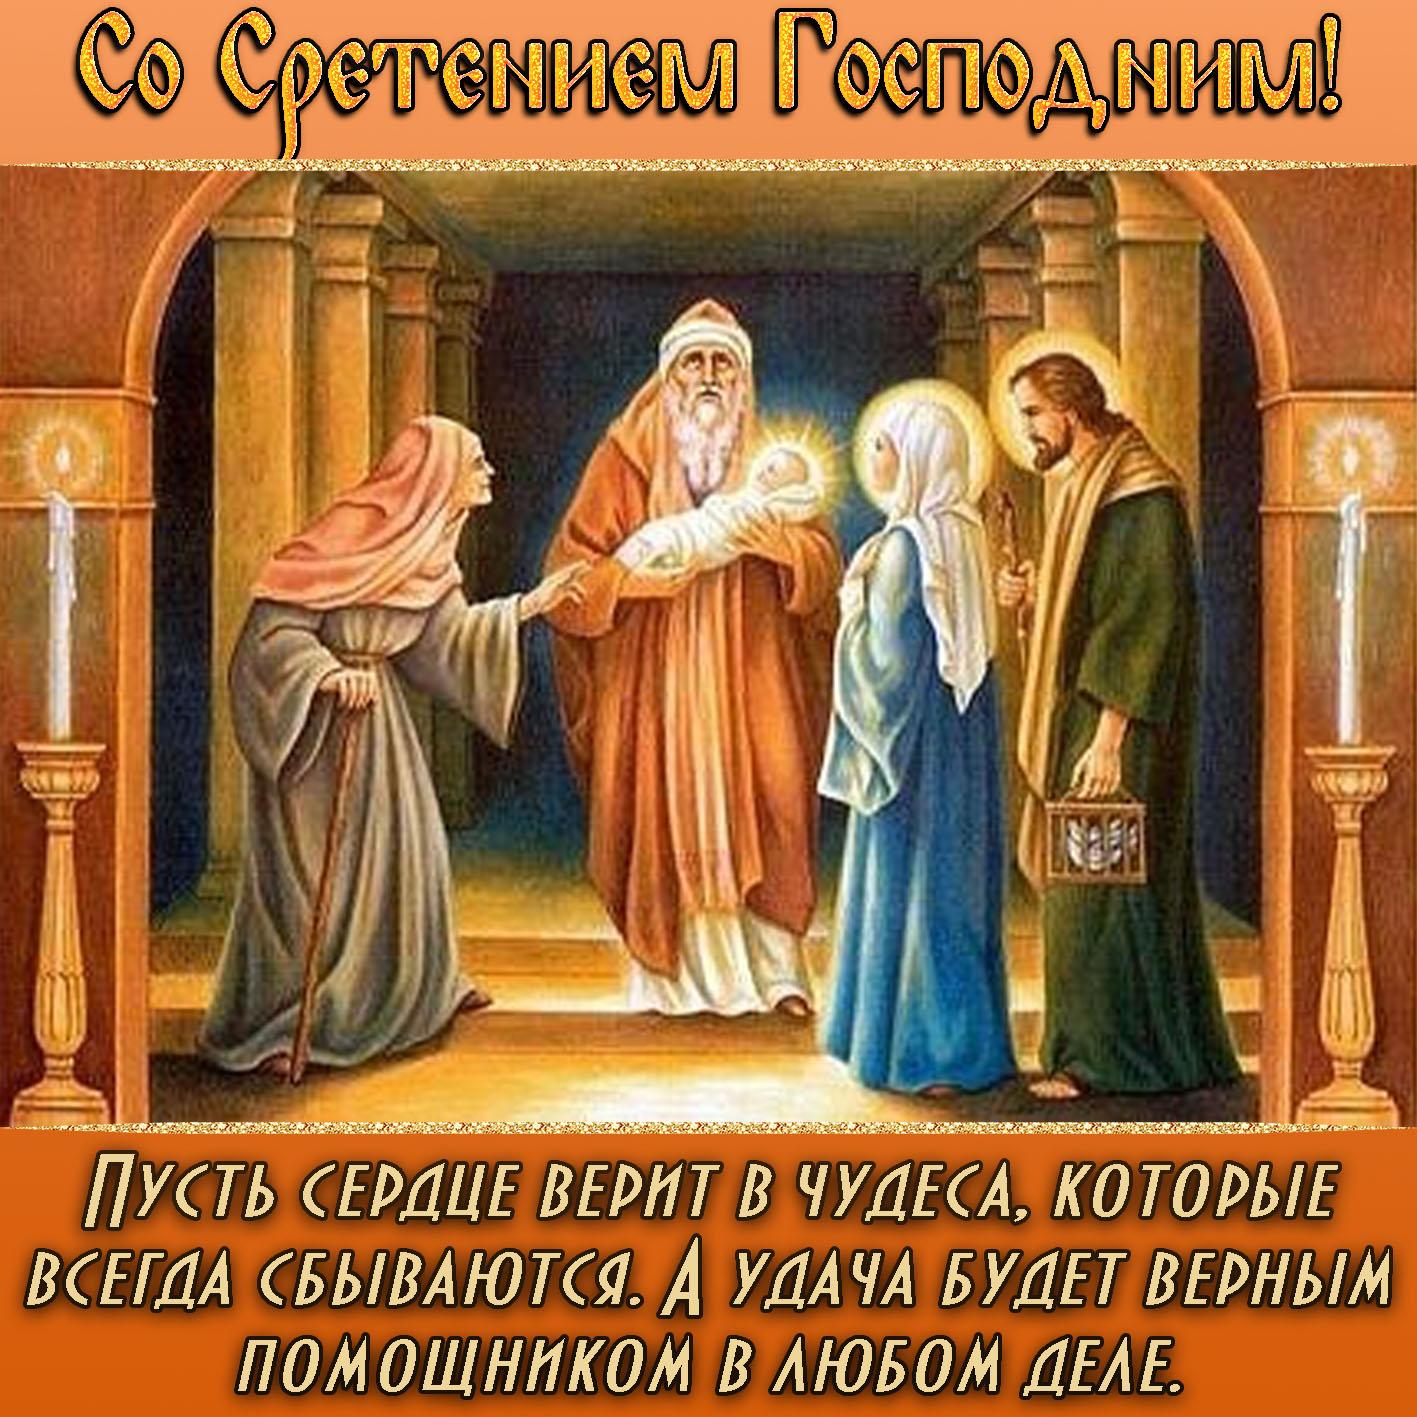 Открытка - Сретение Господне на старинной картине